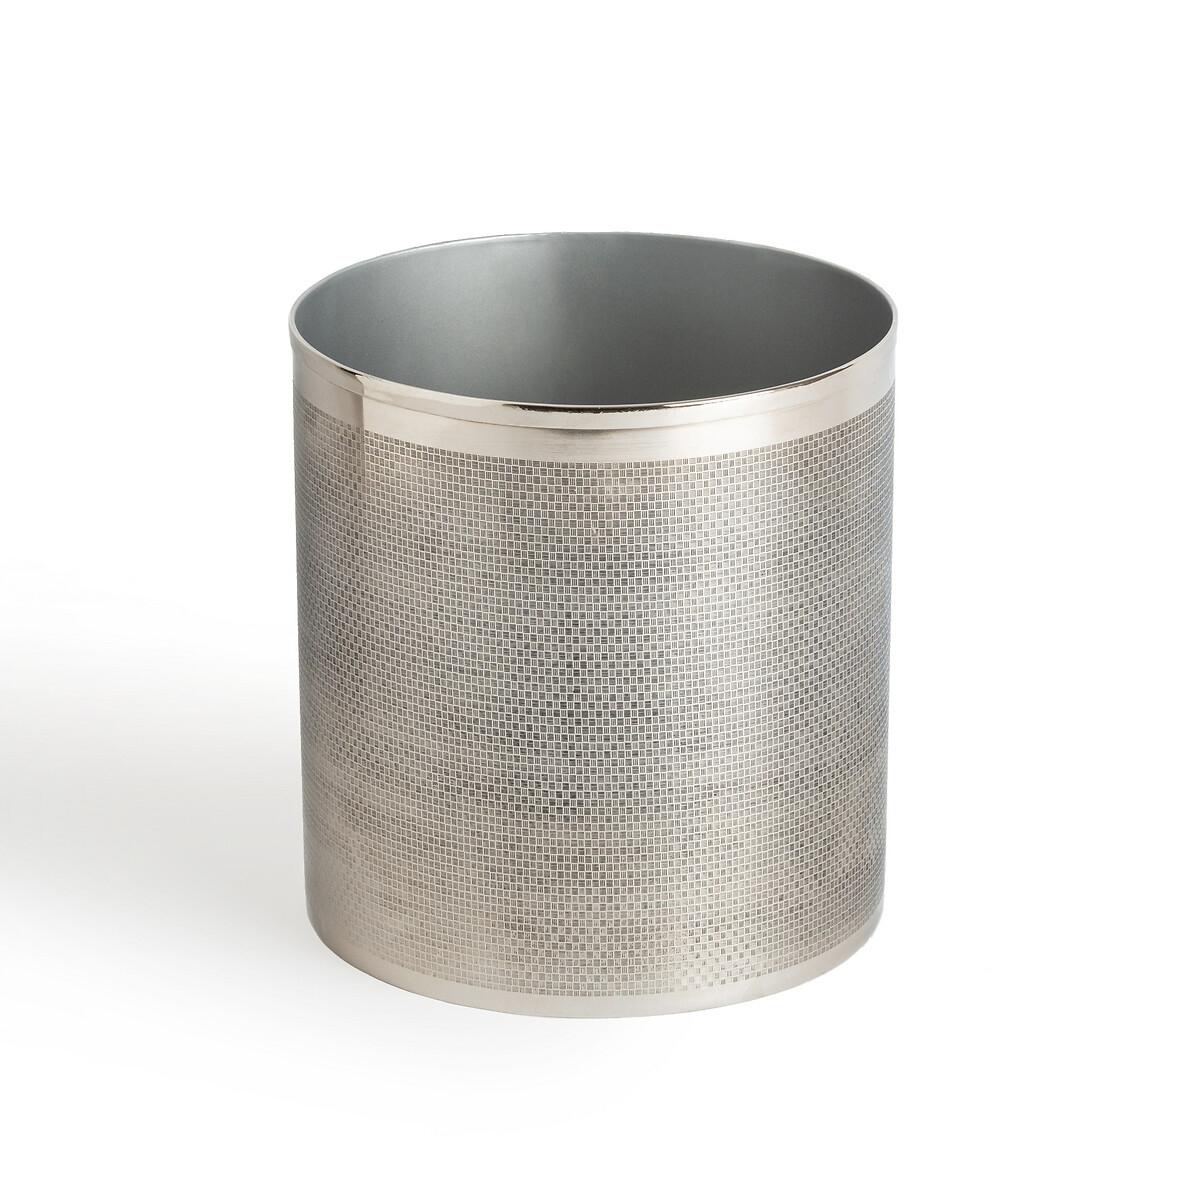 Ведро La Redoute Для мусора для ванной из никеля Mathilda единый размер серый